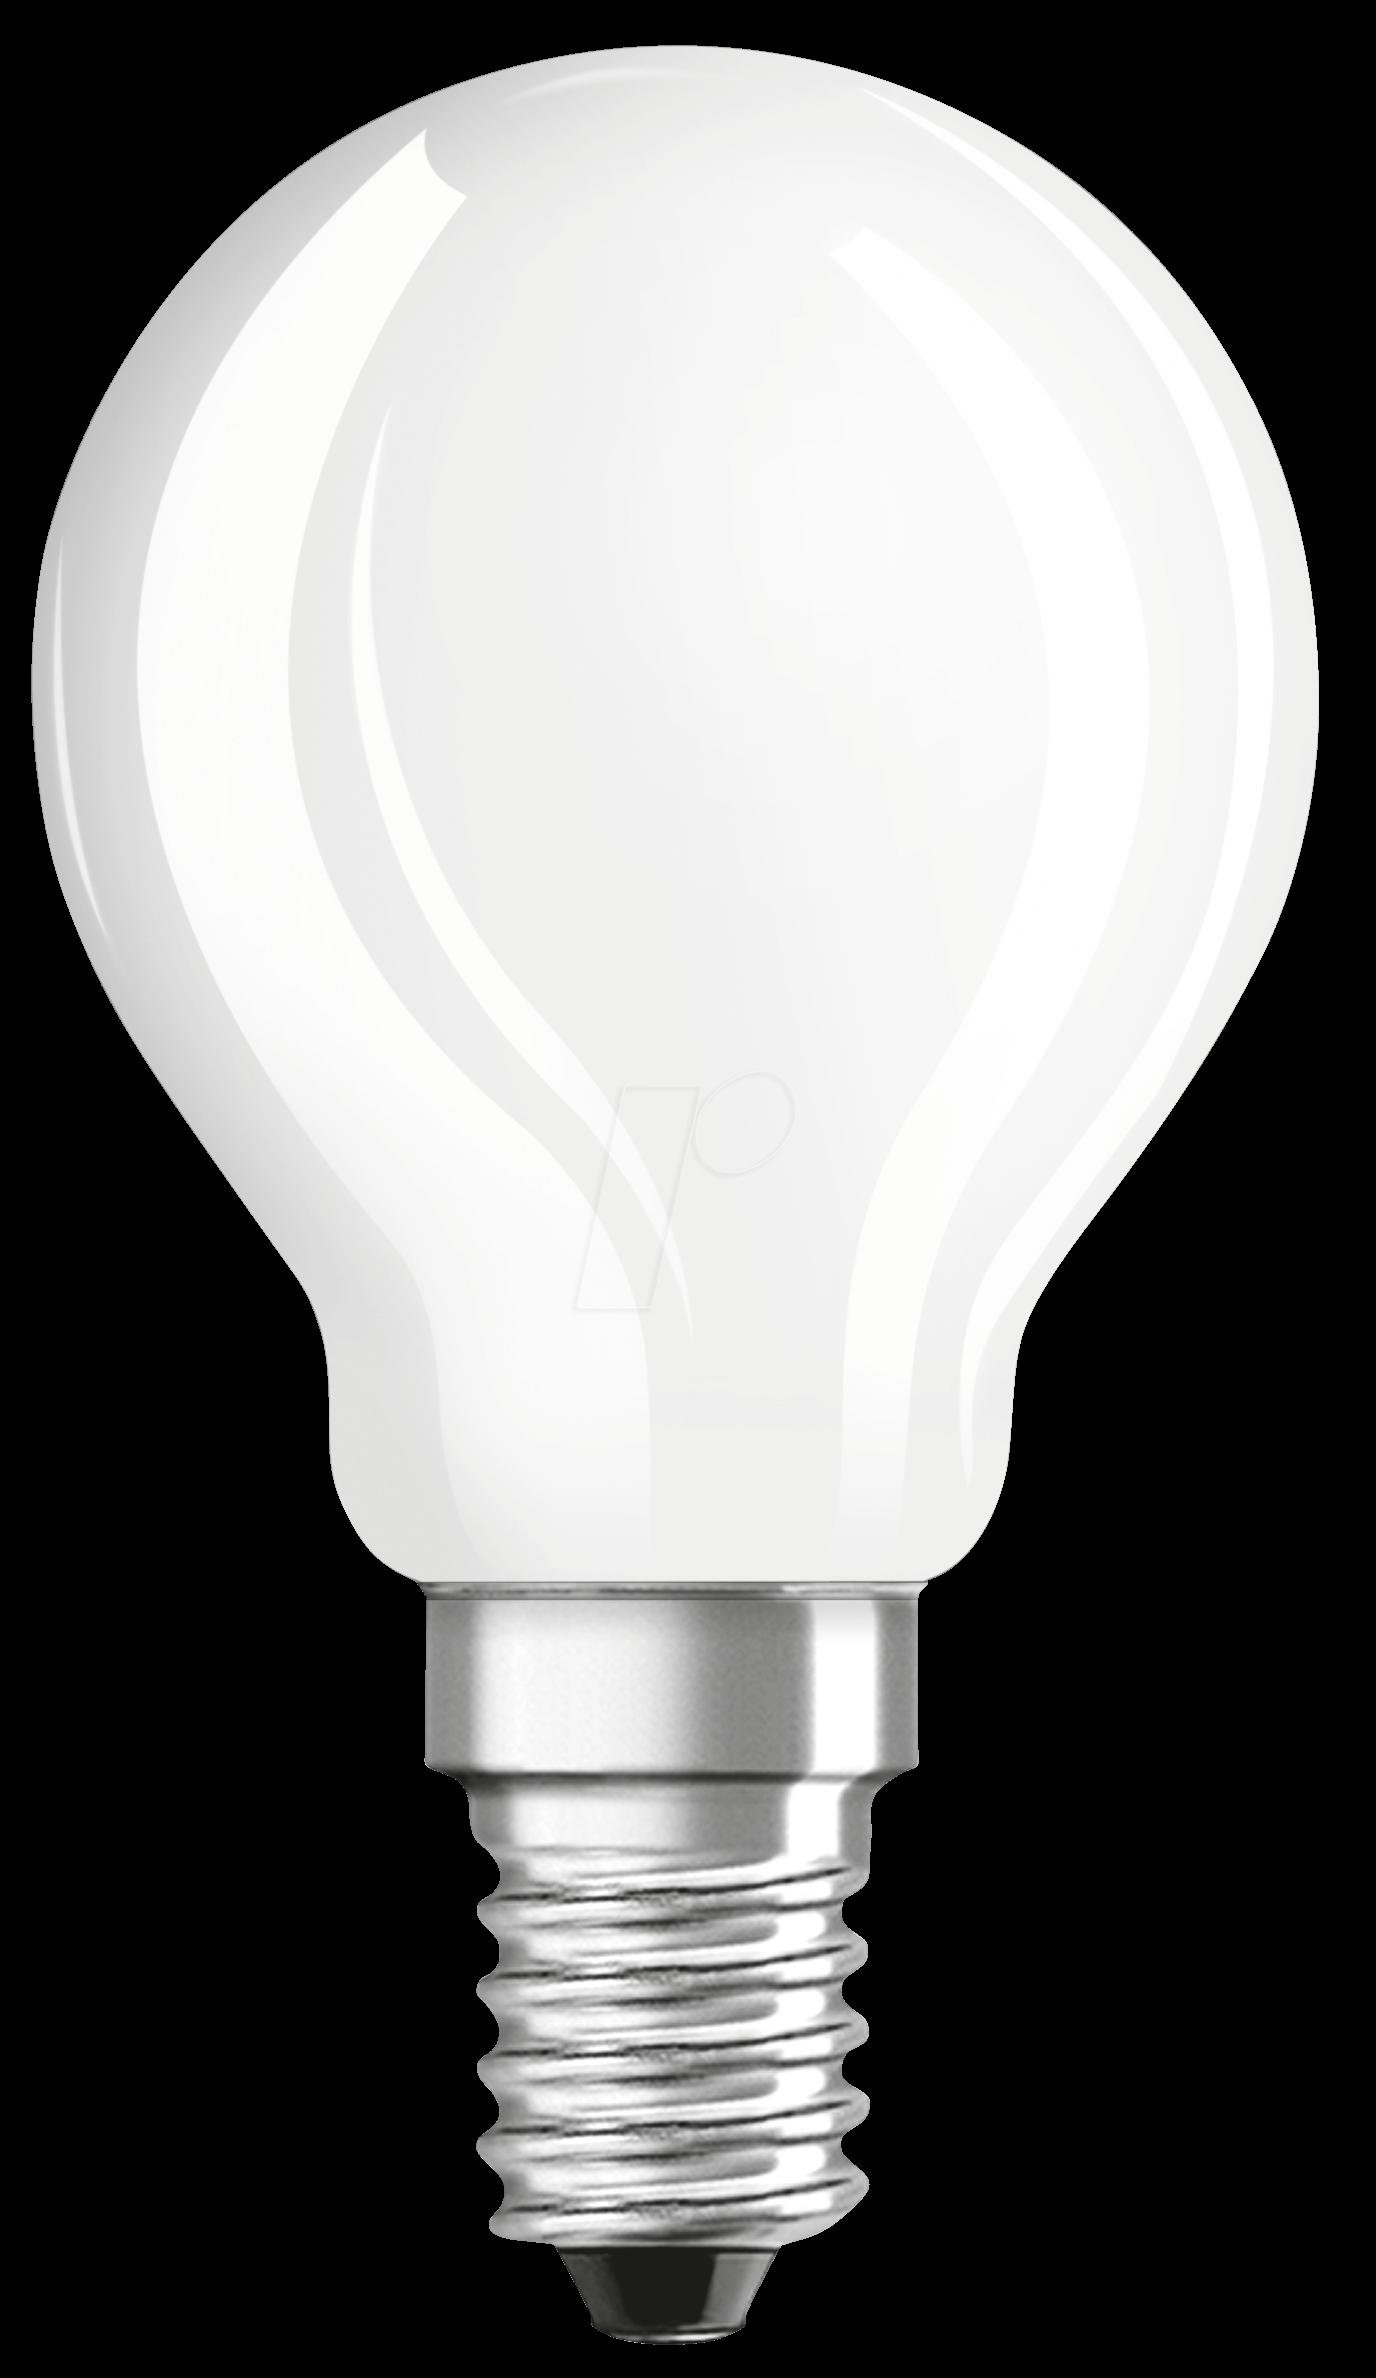 osr 075803978 led lampe e14 base 4 w 470 lm 2700 k filament bei reichelt elektronik. Black Bedroom Furniture Sets. Home Design Ideas